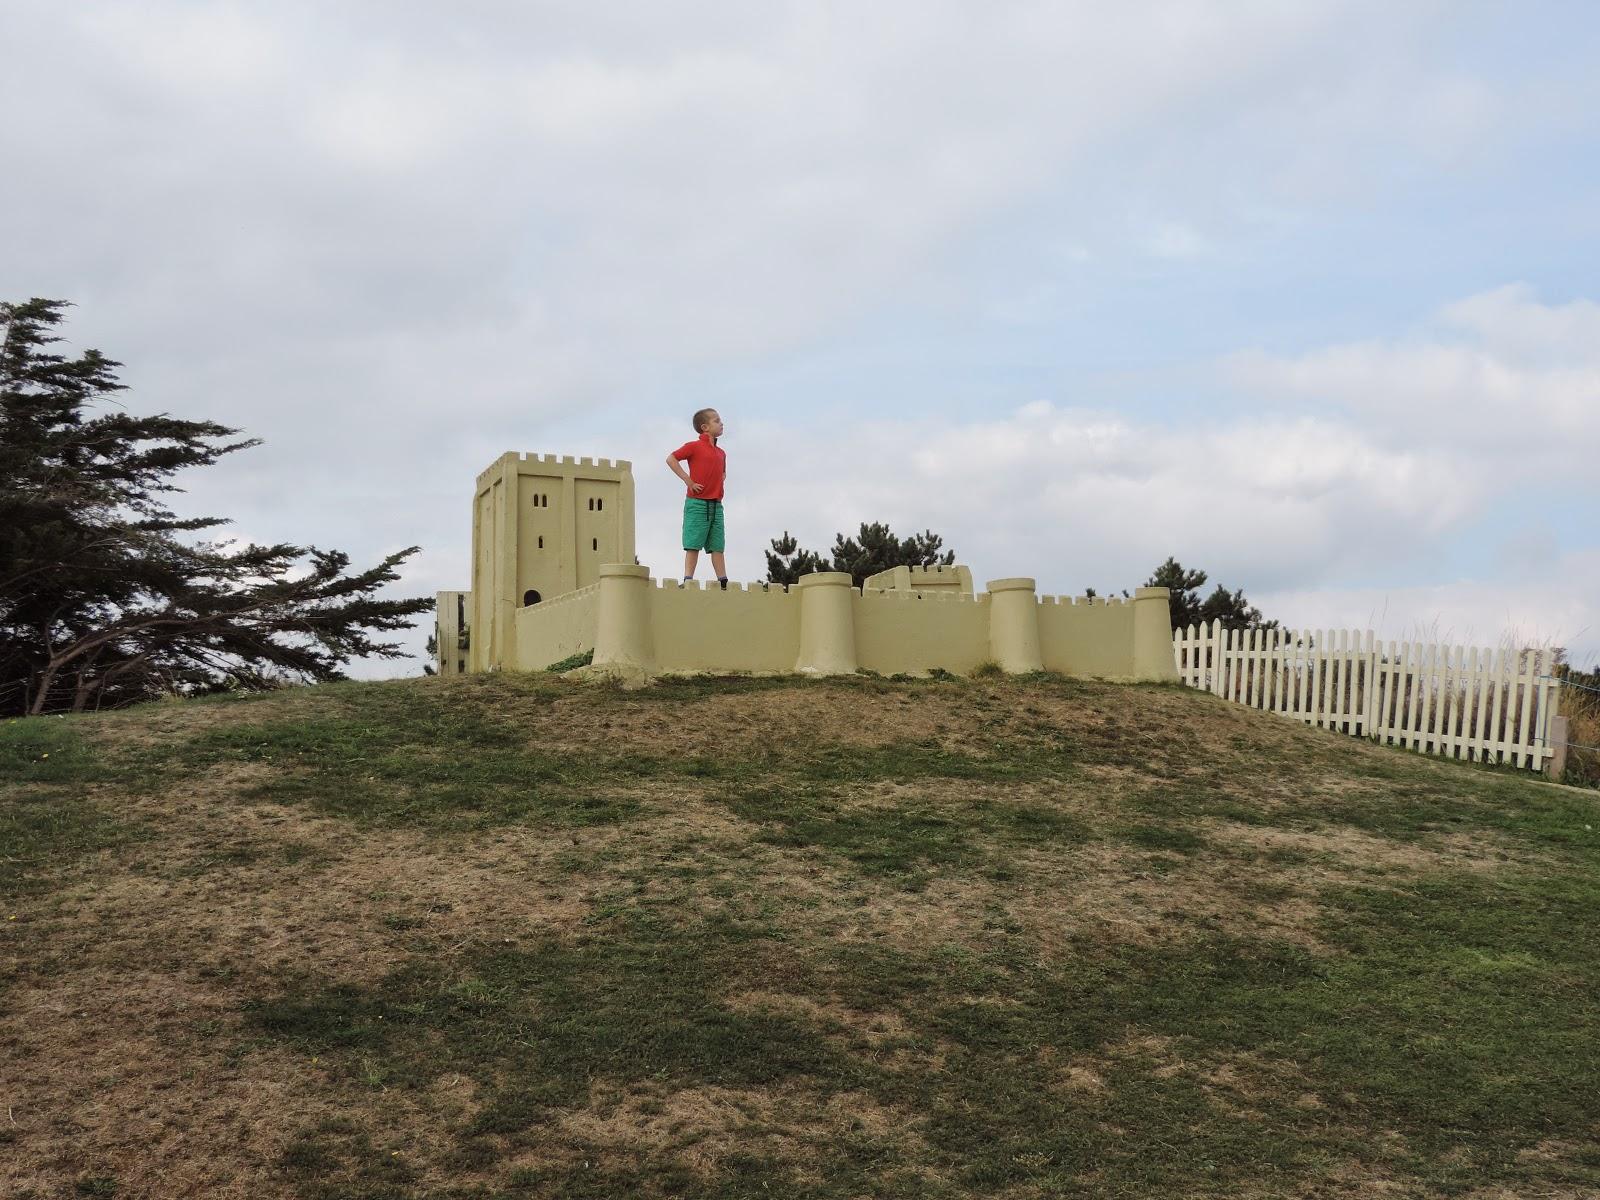 castle of model village portsmouth